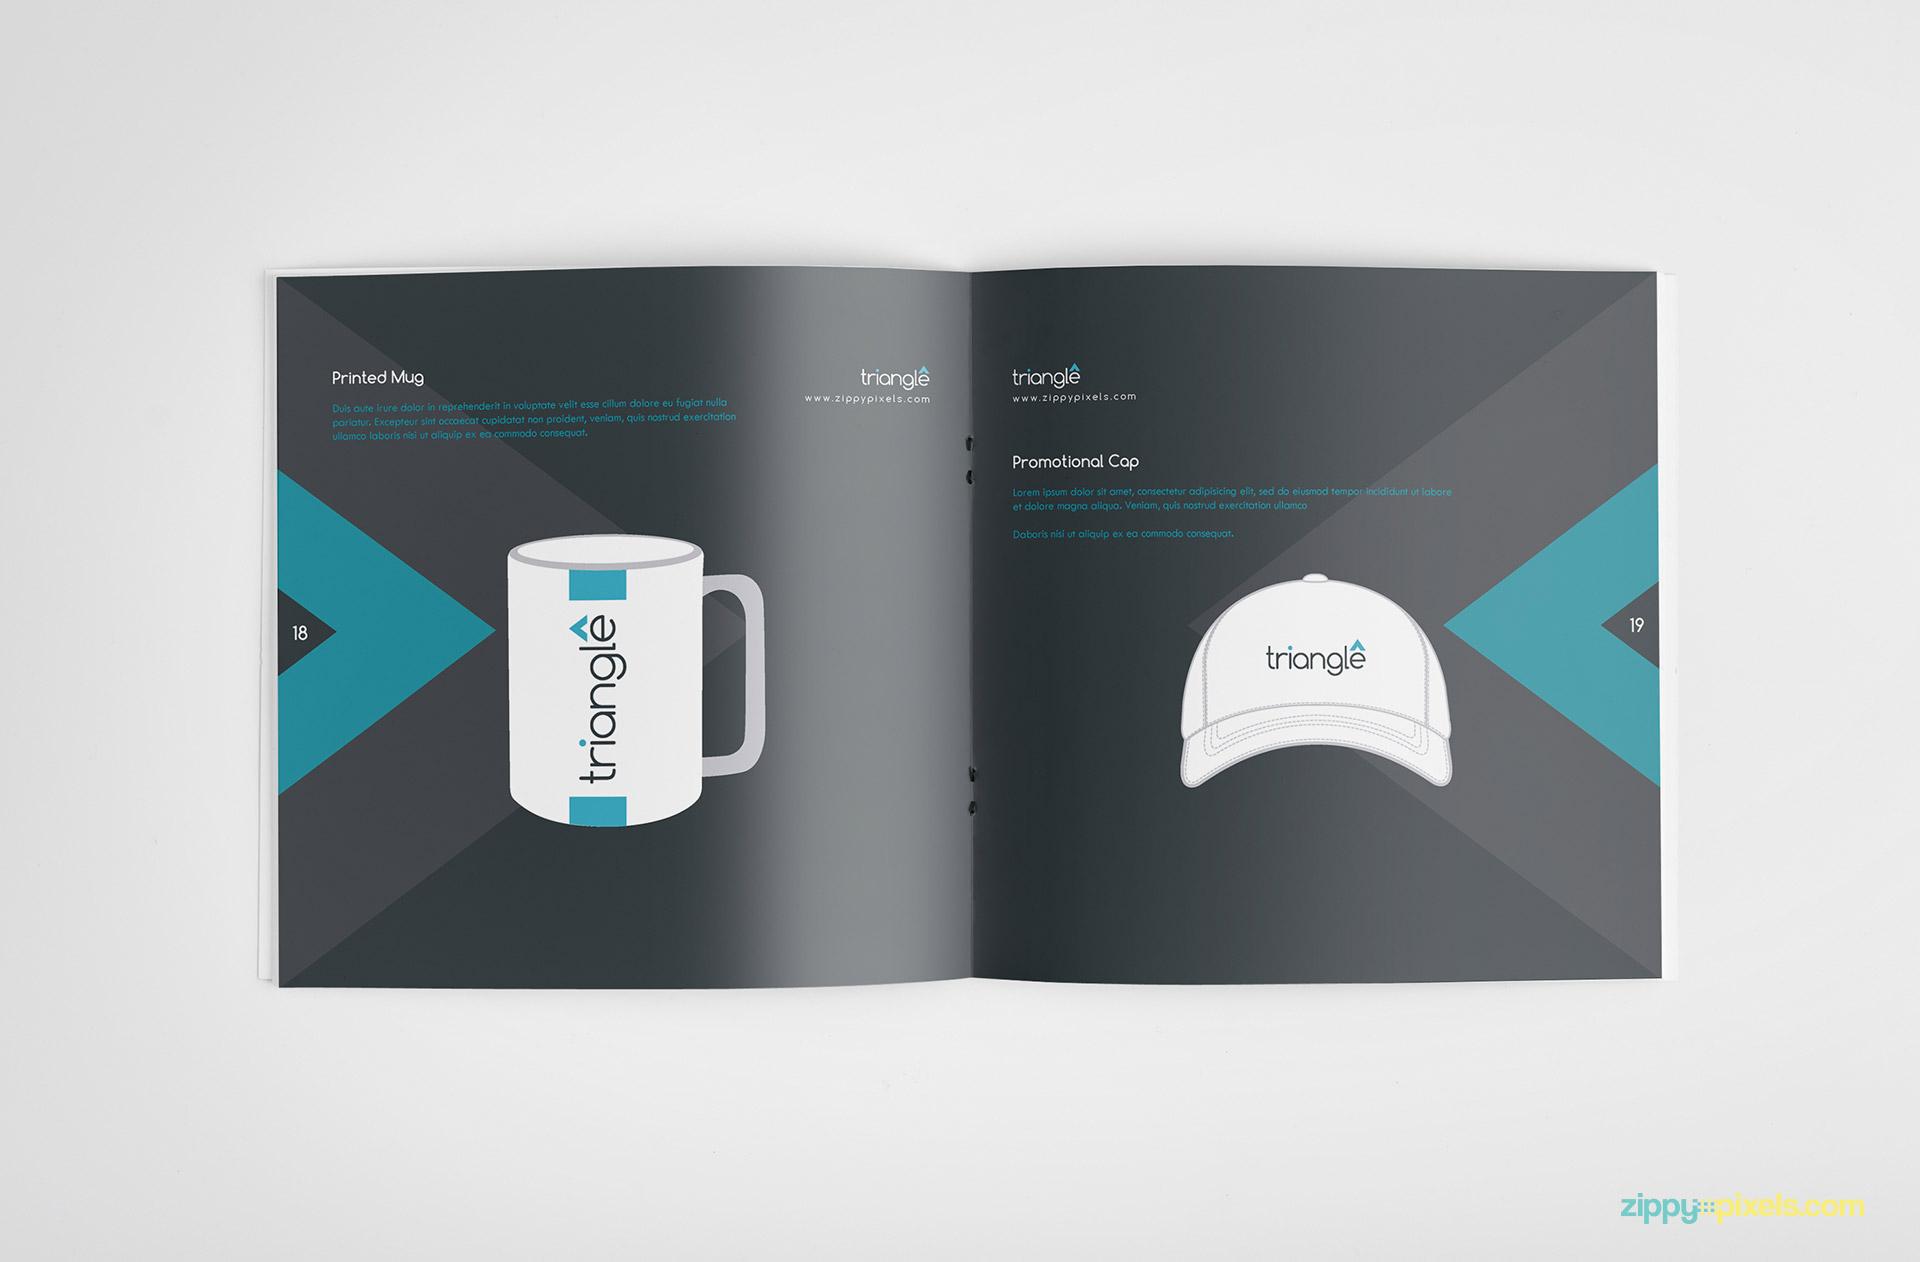 12-brand-book-11-printed-mug-promotional-cap